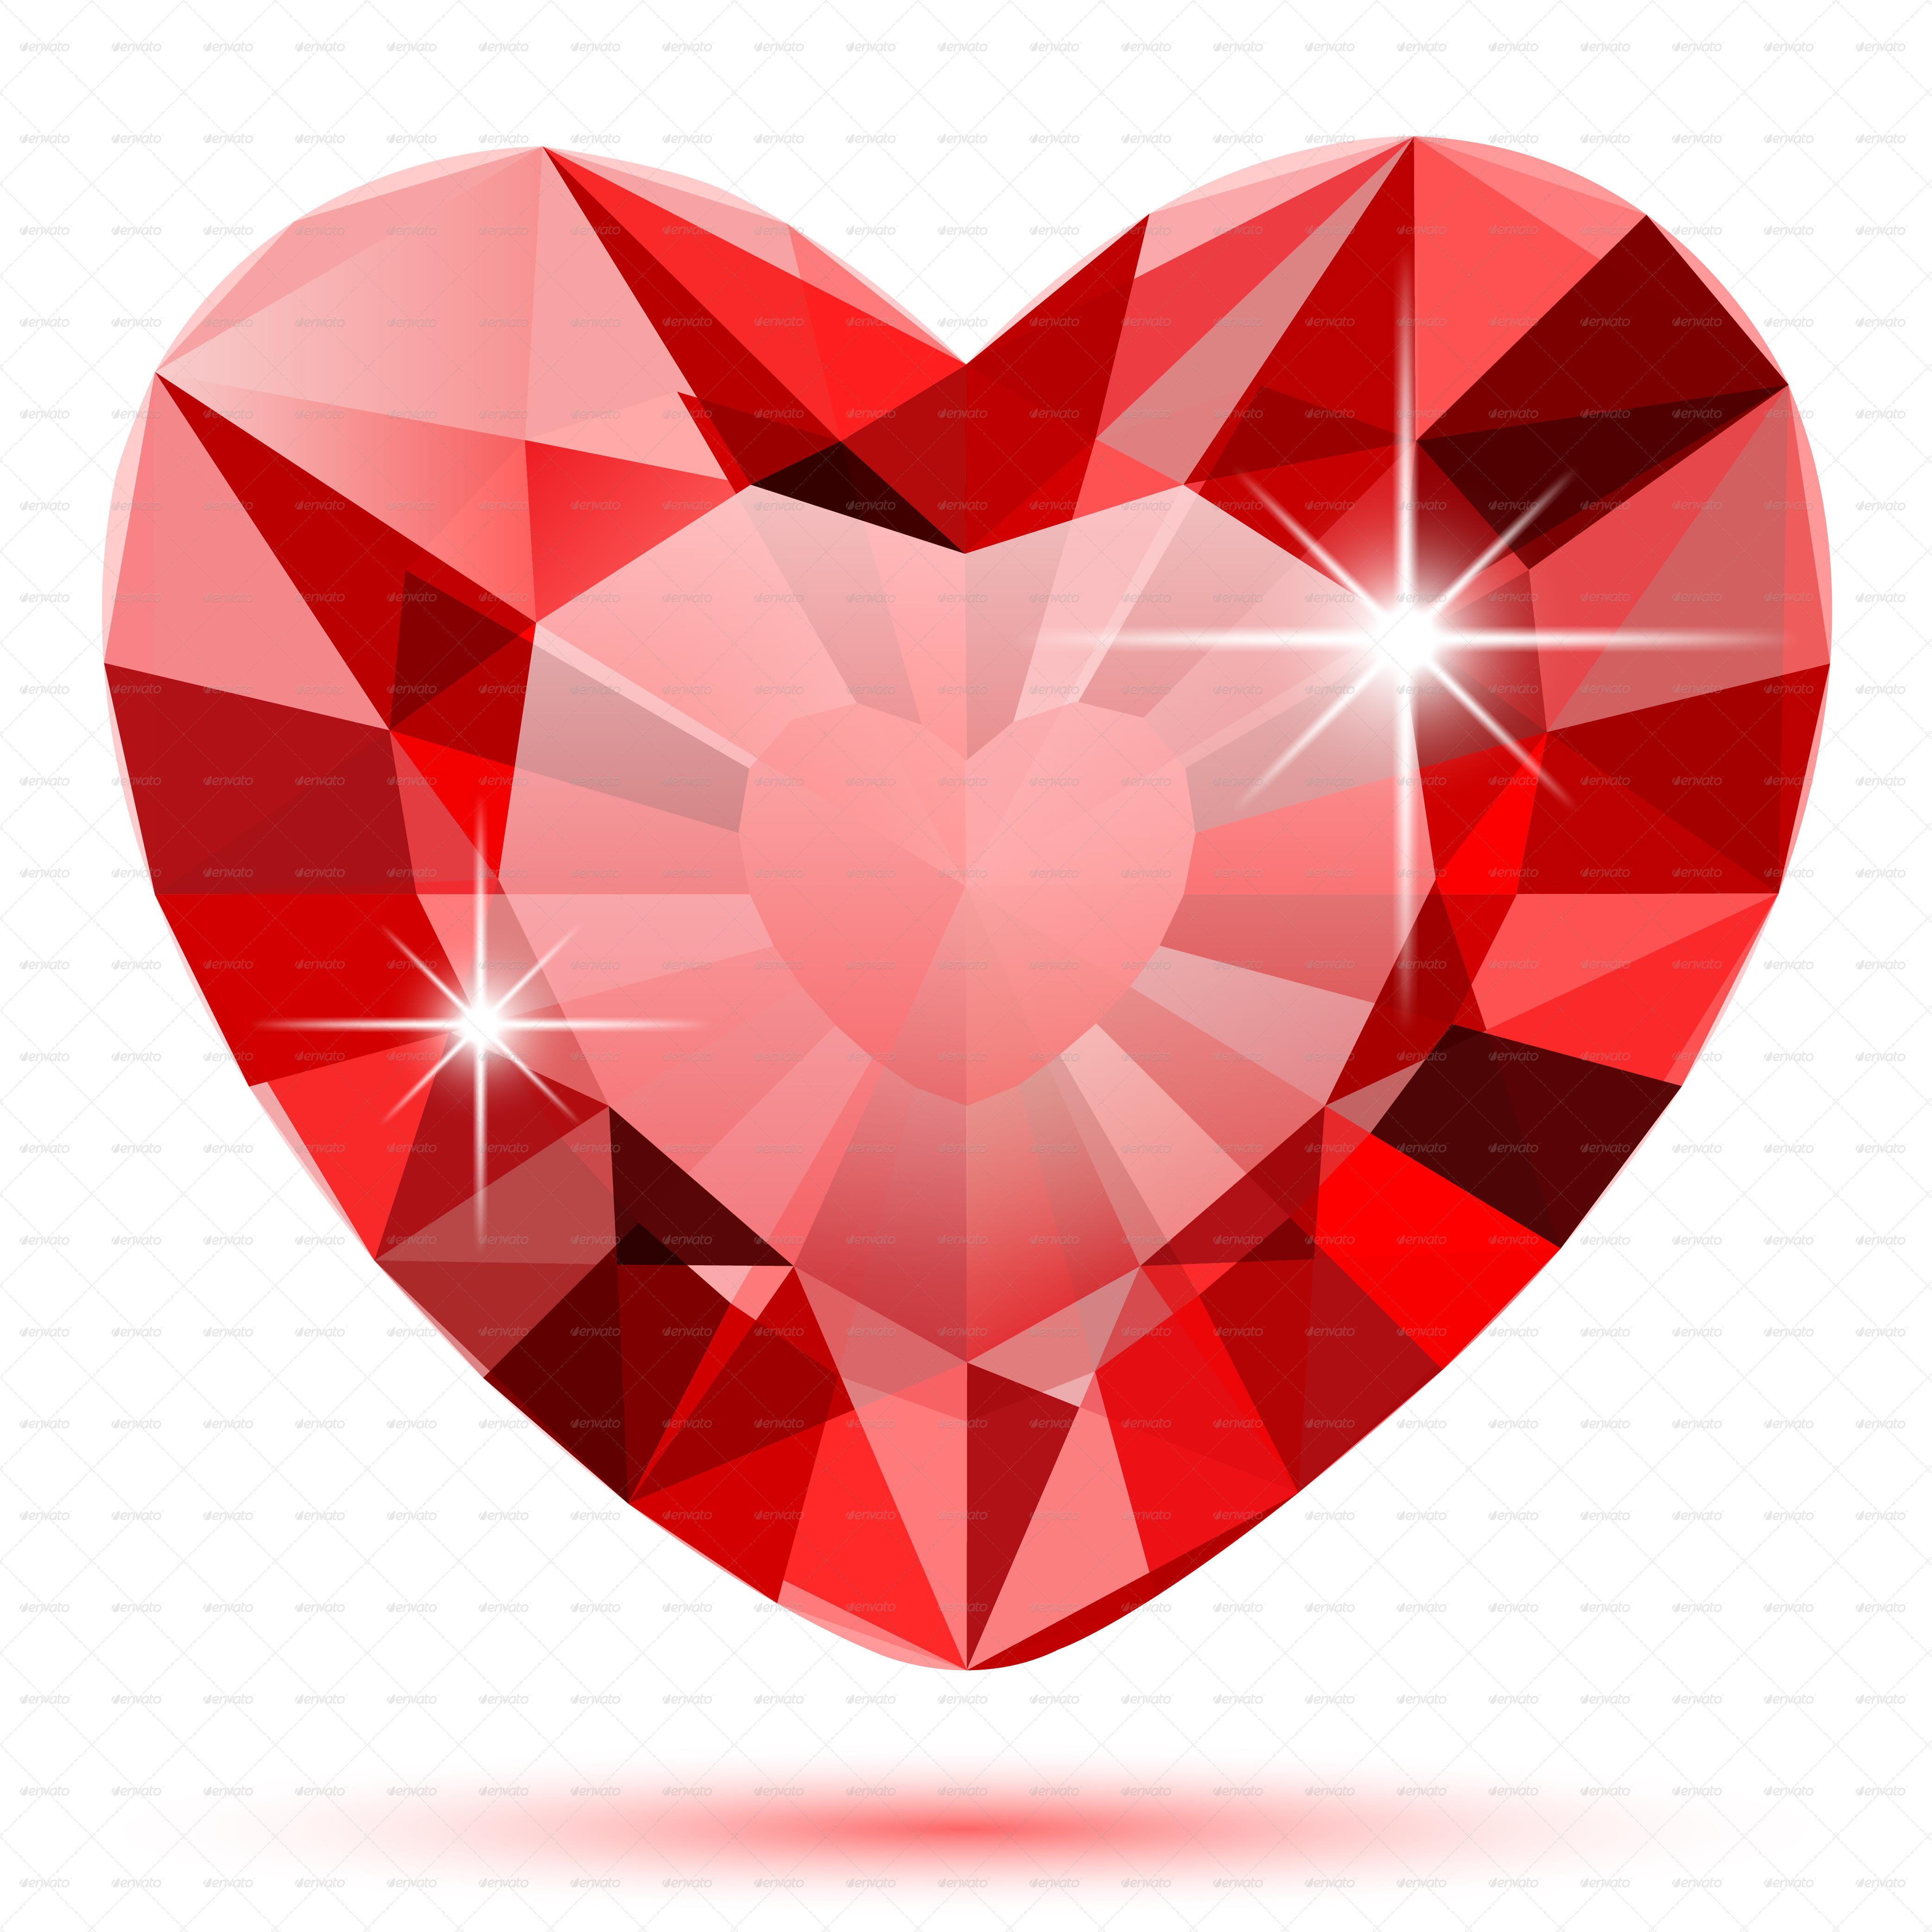 Diamond heart isolated diamond heart isolated jpg diamond heart